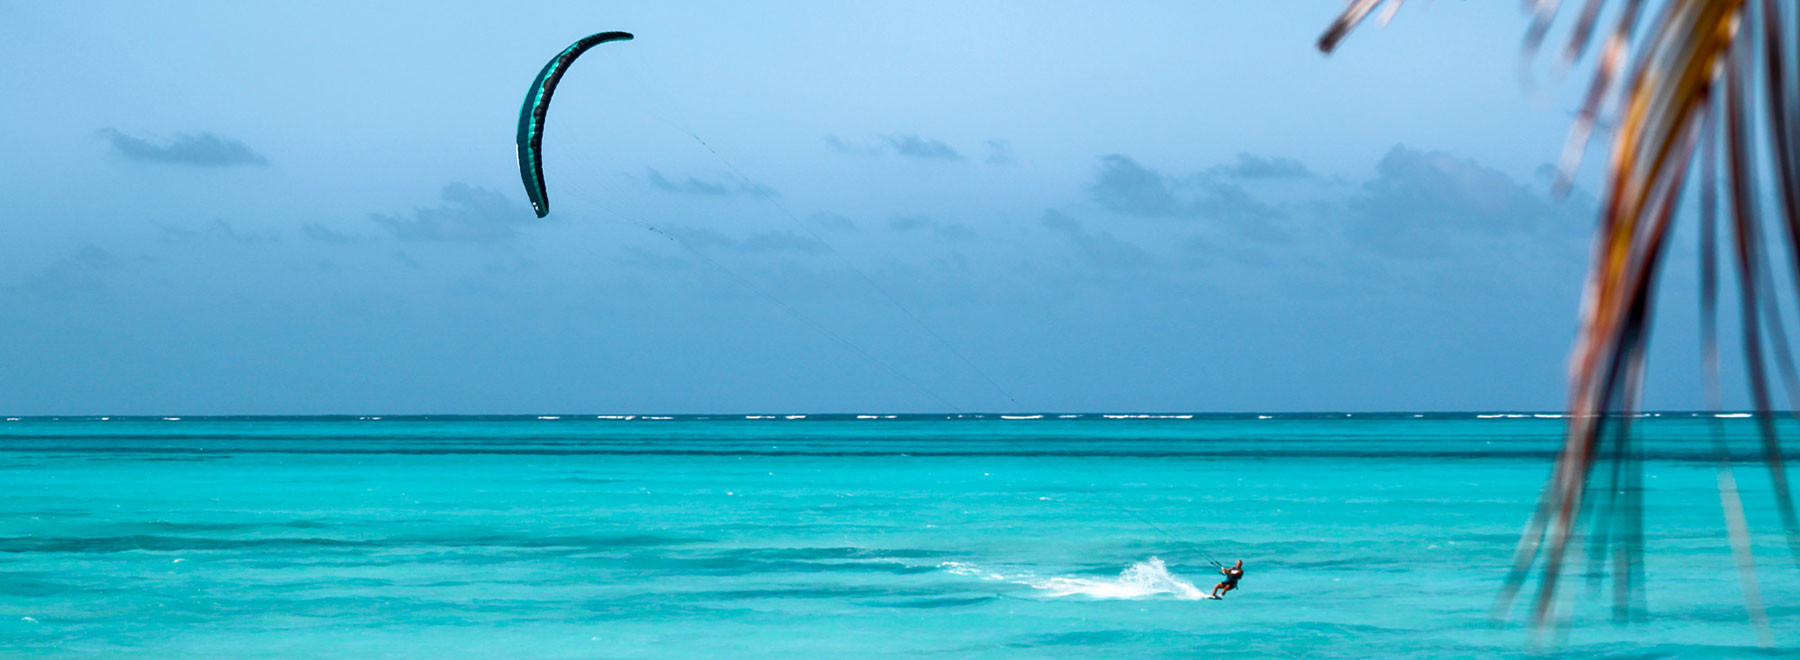 Kitesurfing-Zanzibar-FlySurfer.jpg